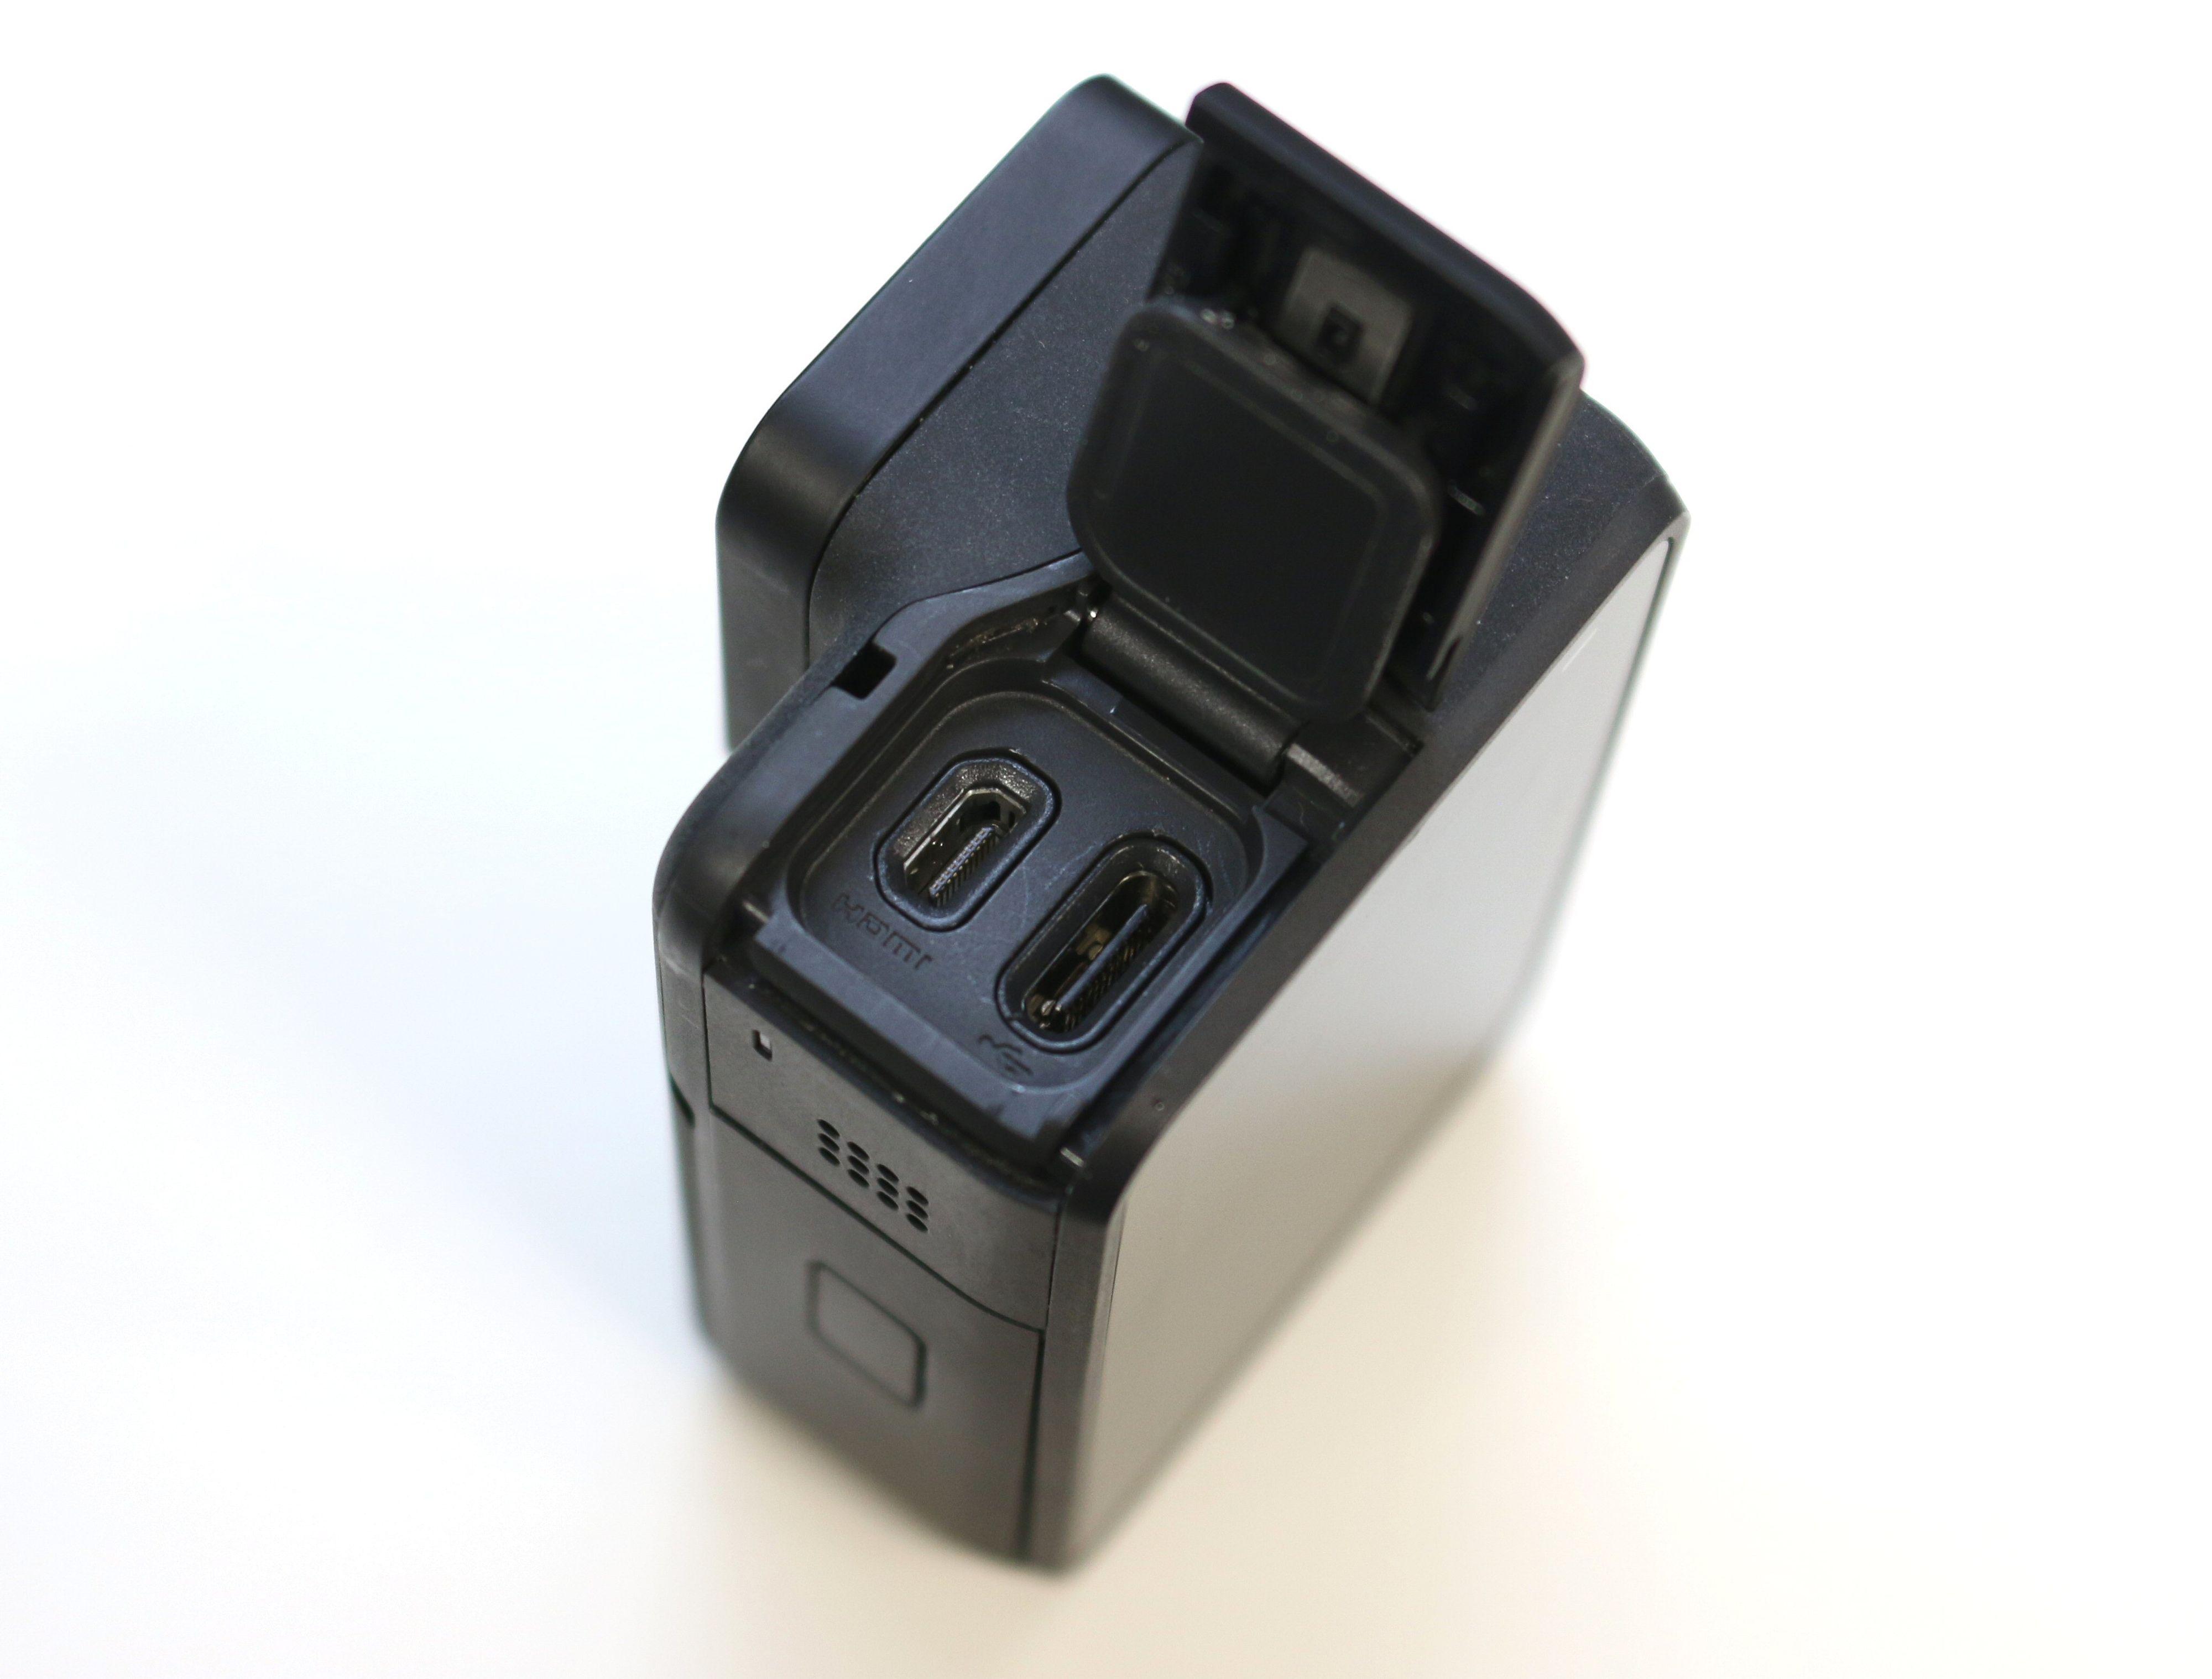 Hero7 Black har to vanntette luker for lading (USB-C), HDMI, microSD-kort og batteri.